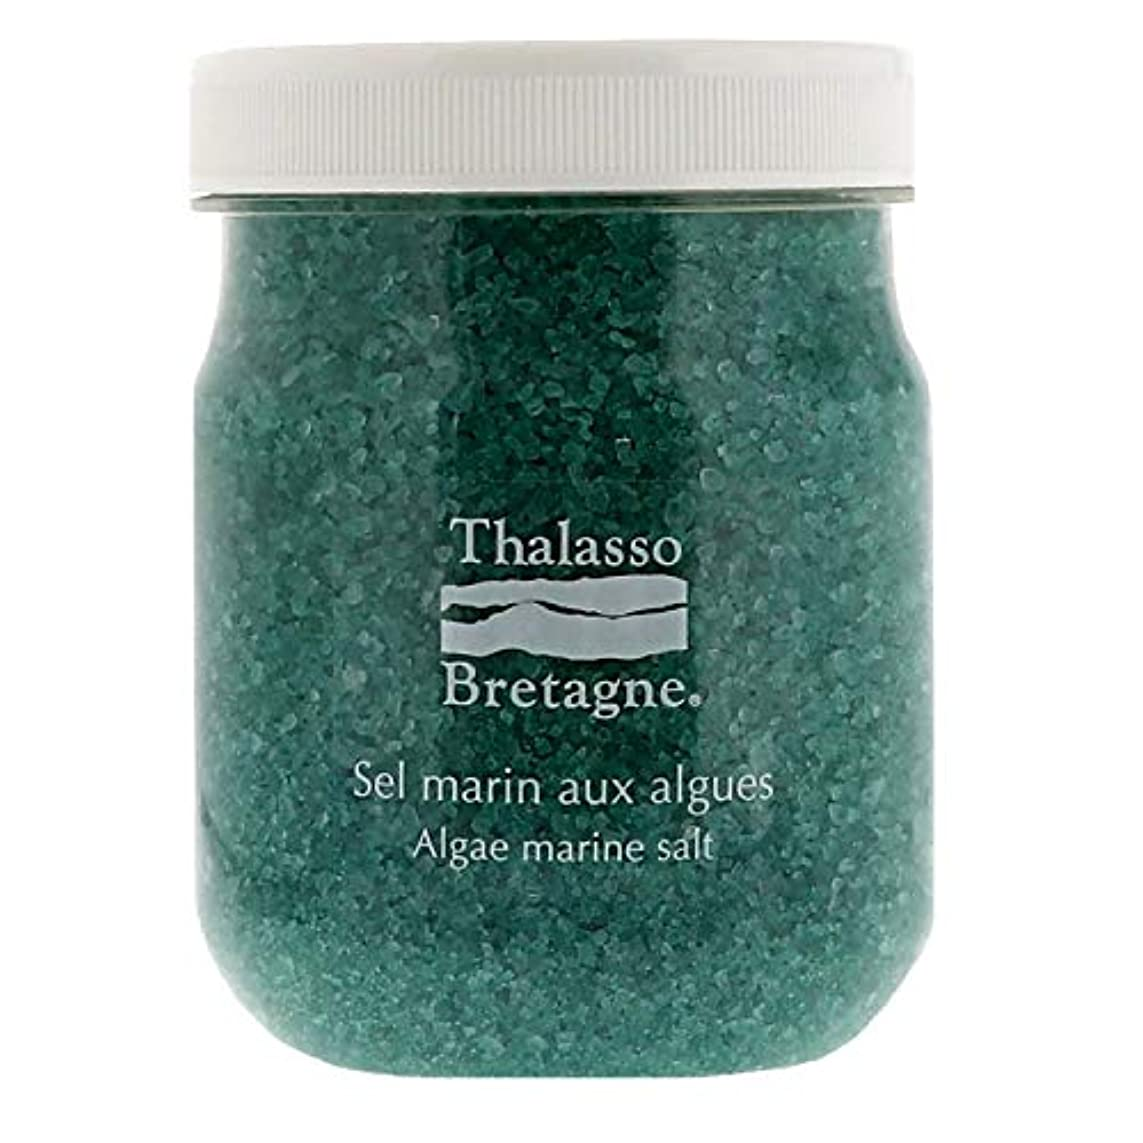 ディンカルビル側電気陽性Thalasso Breragne タラソ ド ブルターニュー アルグマリンソルト850g